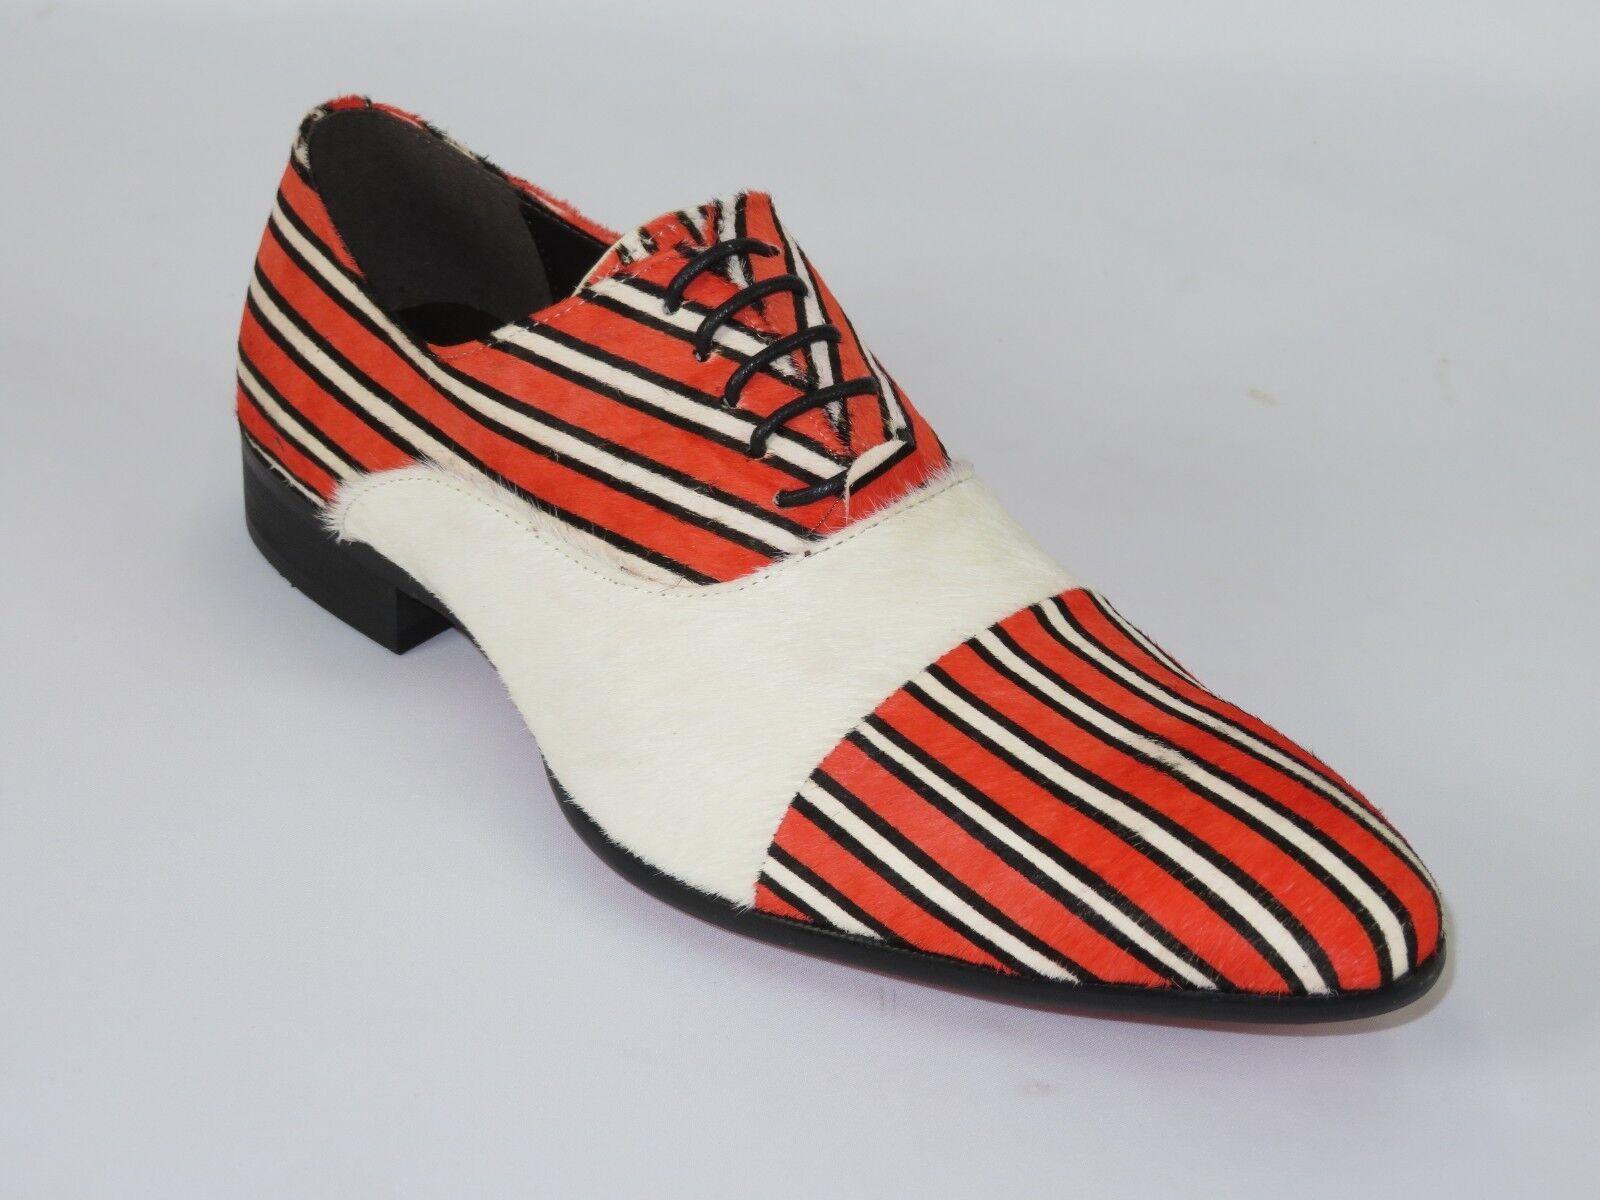 Senza tasse Mens scarpe Fiesso Fiesso Fiesso By Aurelio Garcia Pony hair Stripe European Fi7366 rosso bianca  prezzo basso